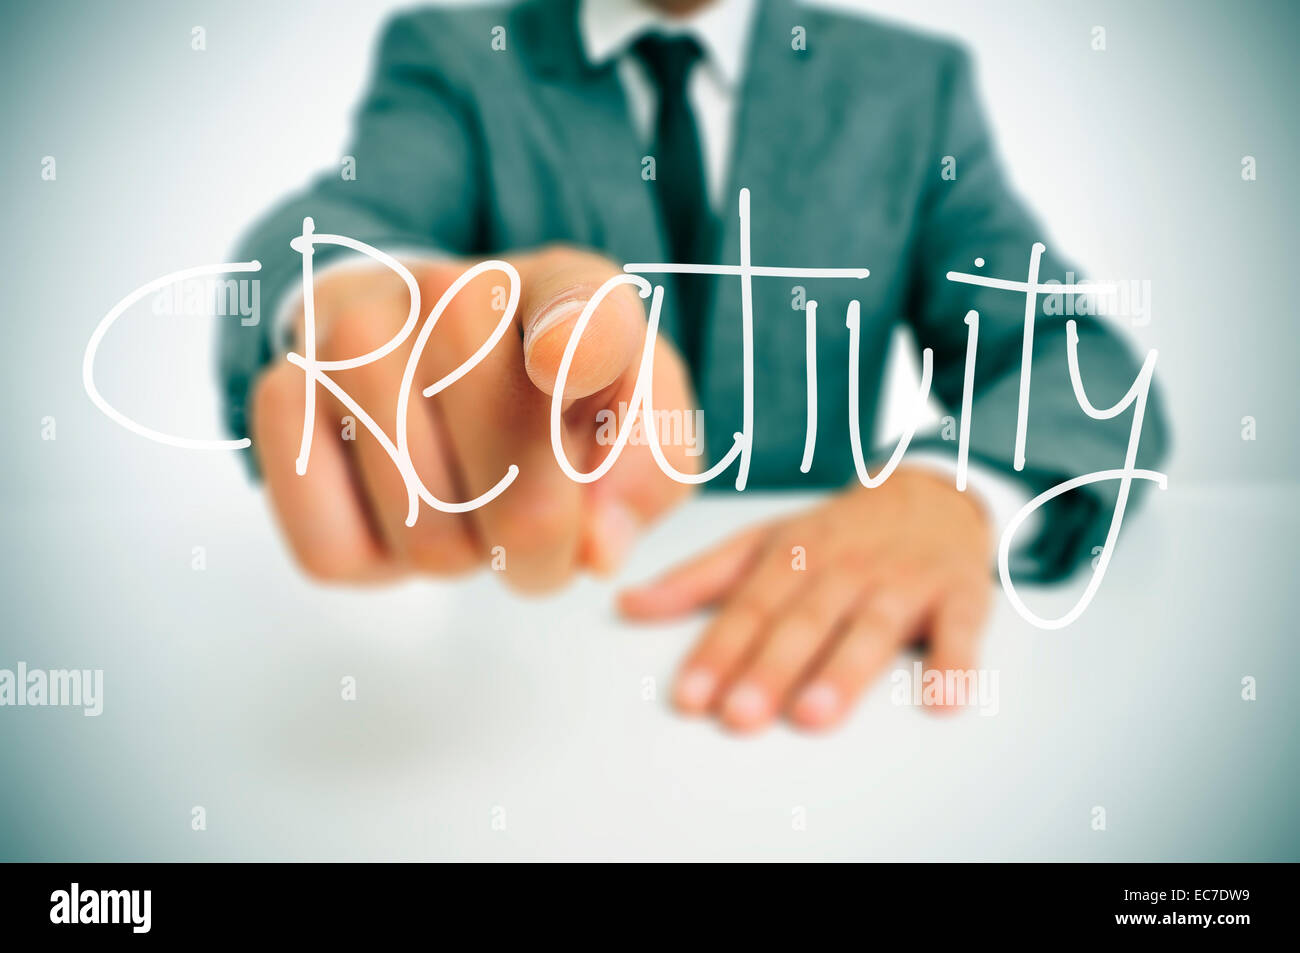 Uomo in tuta seduto in un ufficio escursioni puntando il dito per la parola creatività scritto in primo piano Immagini Stock